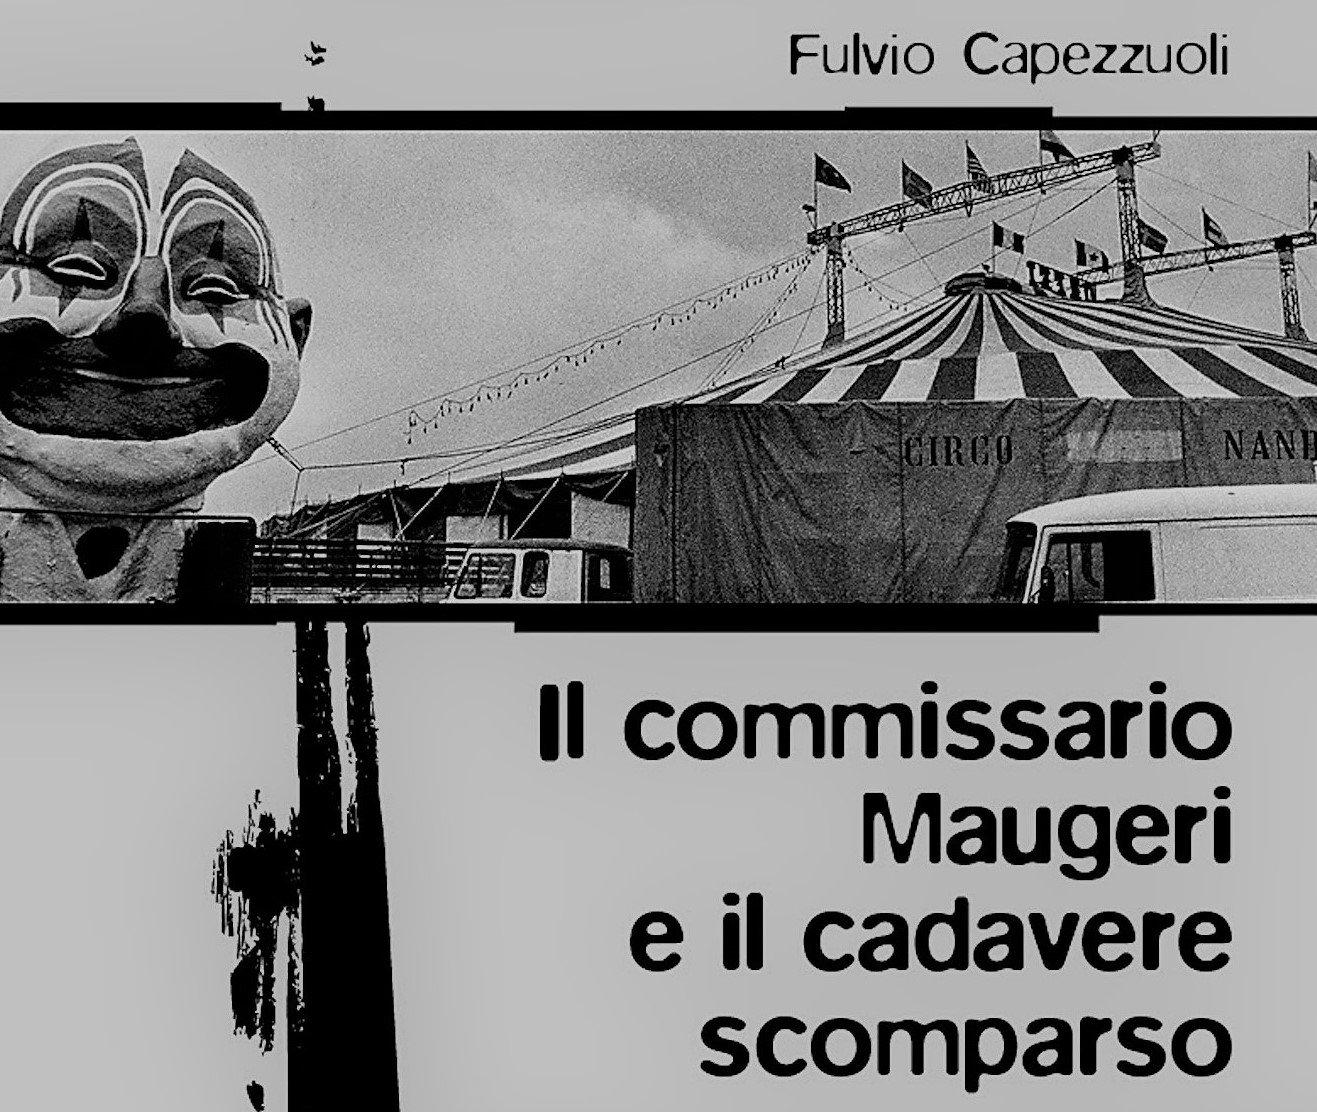 Il commissario Maugeri e il cadavere scomparso